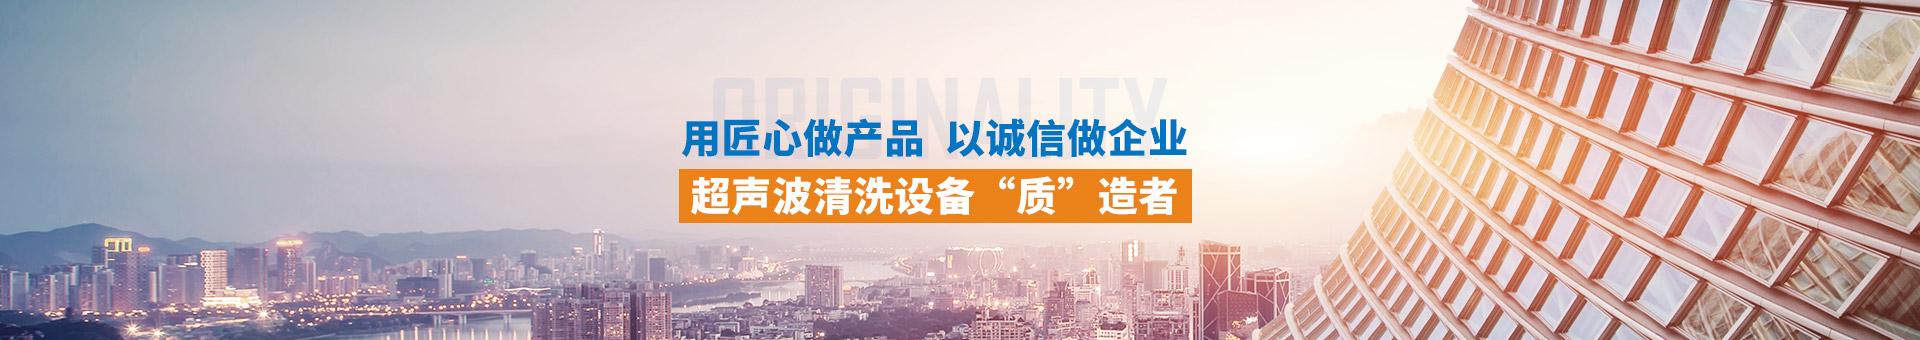 金泰瀛-用匠心做产品。以诚信做企业